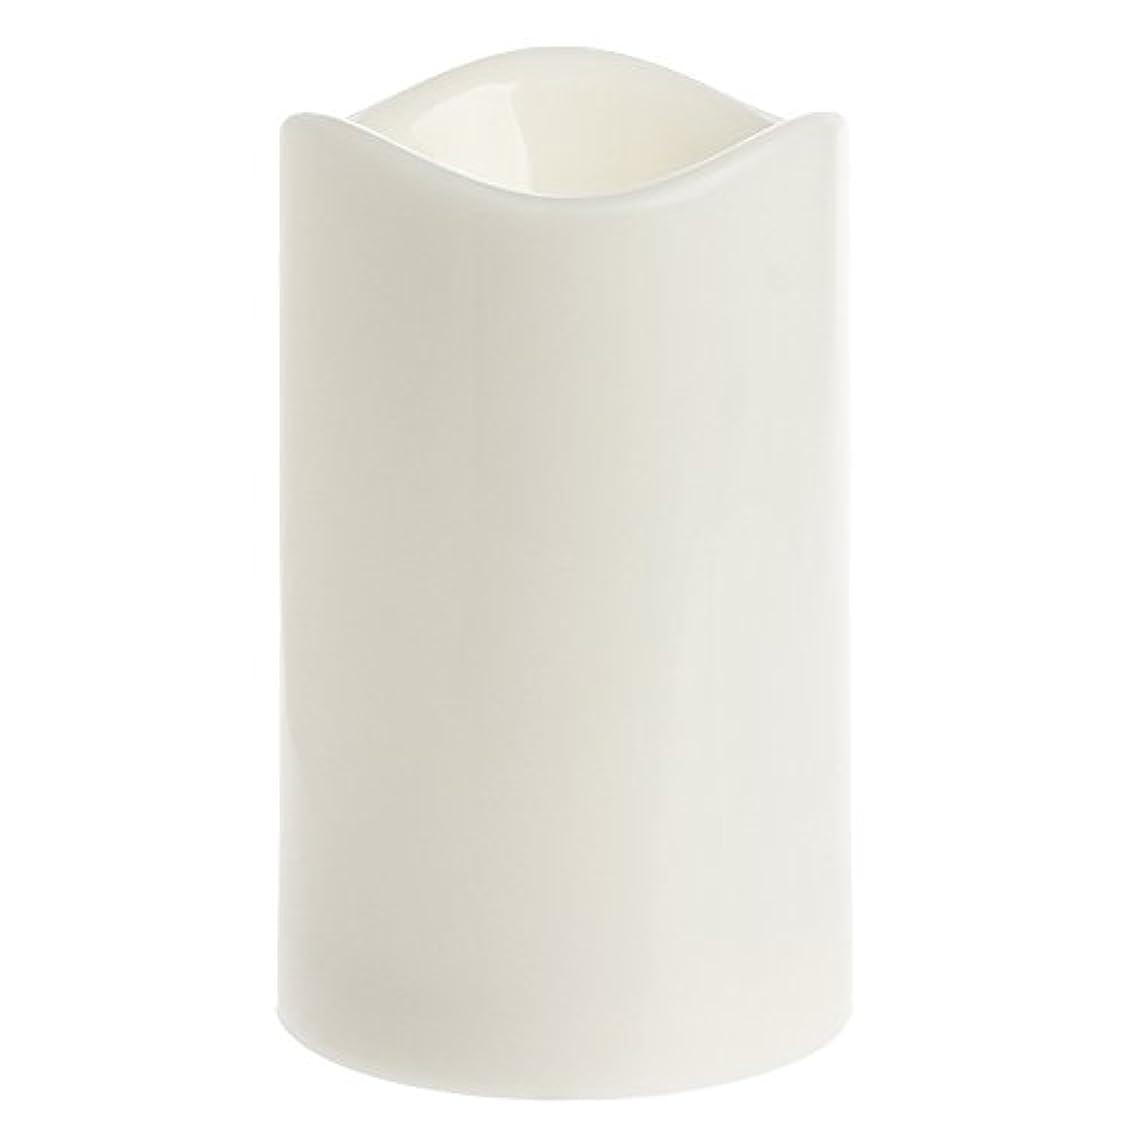 興奮するのぞき見明示的にSimpleLife ロマンチックなFlameless LED電子キャンドルライト結婚式の香りワックスホームインテリア15 * 7.5センチメートル